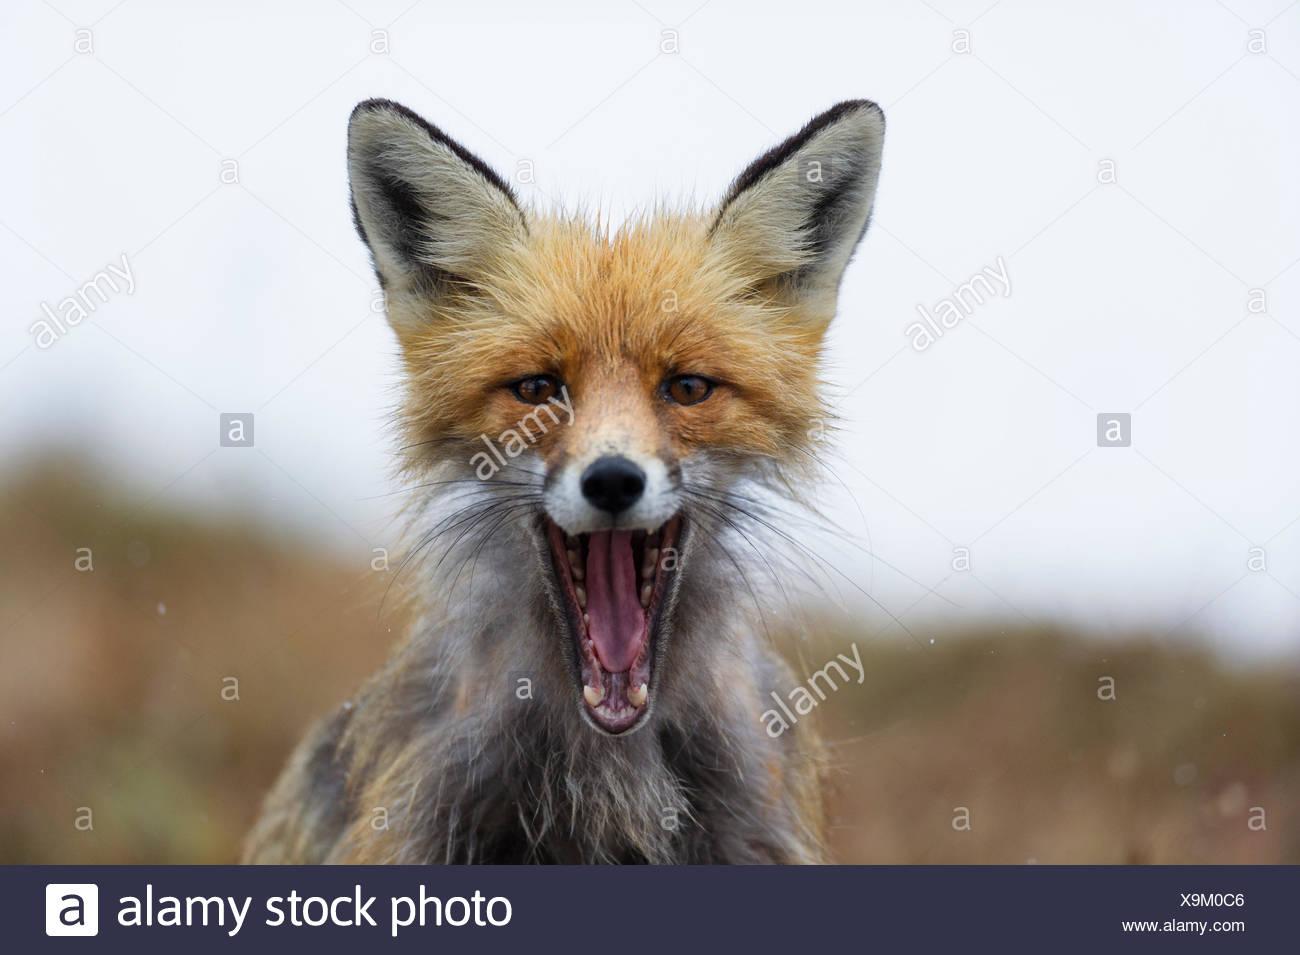 Portrait d'un renard roux, Vulpes vulpes, avec la bouche ouverte. Photo Stock